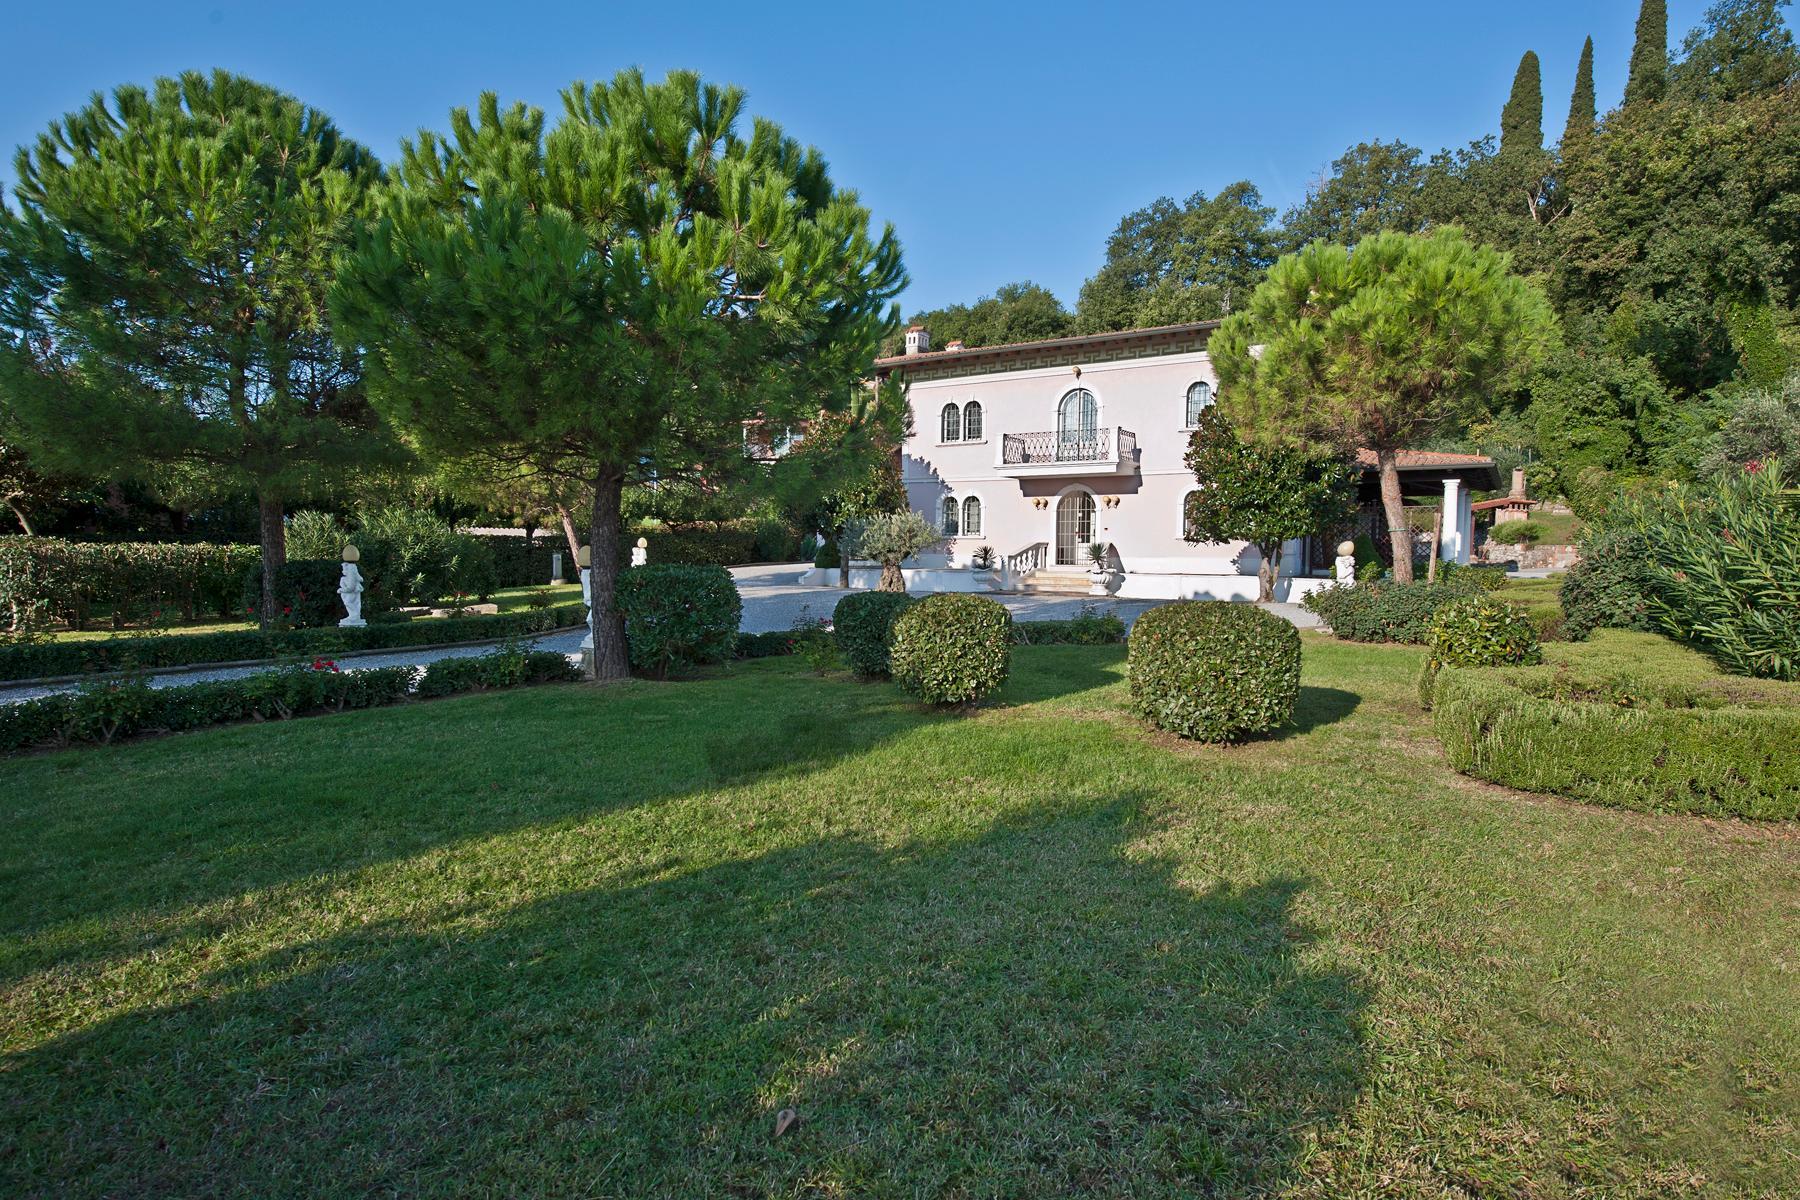 Villa indipendente di charme con piscina ed ampio giardino - 4